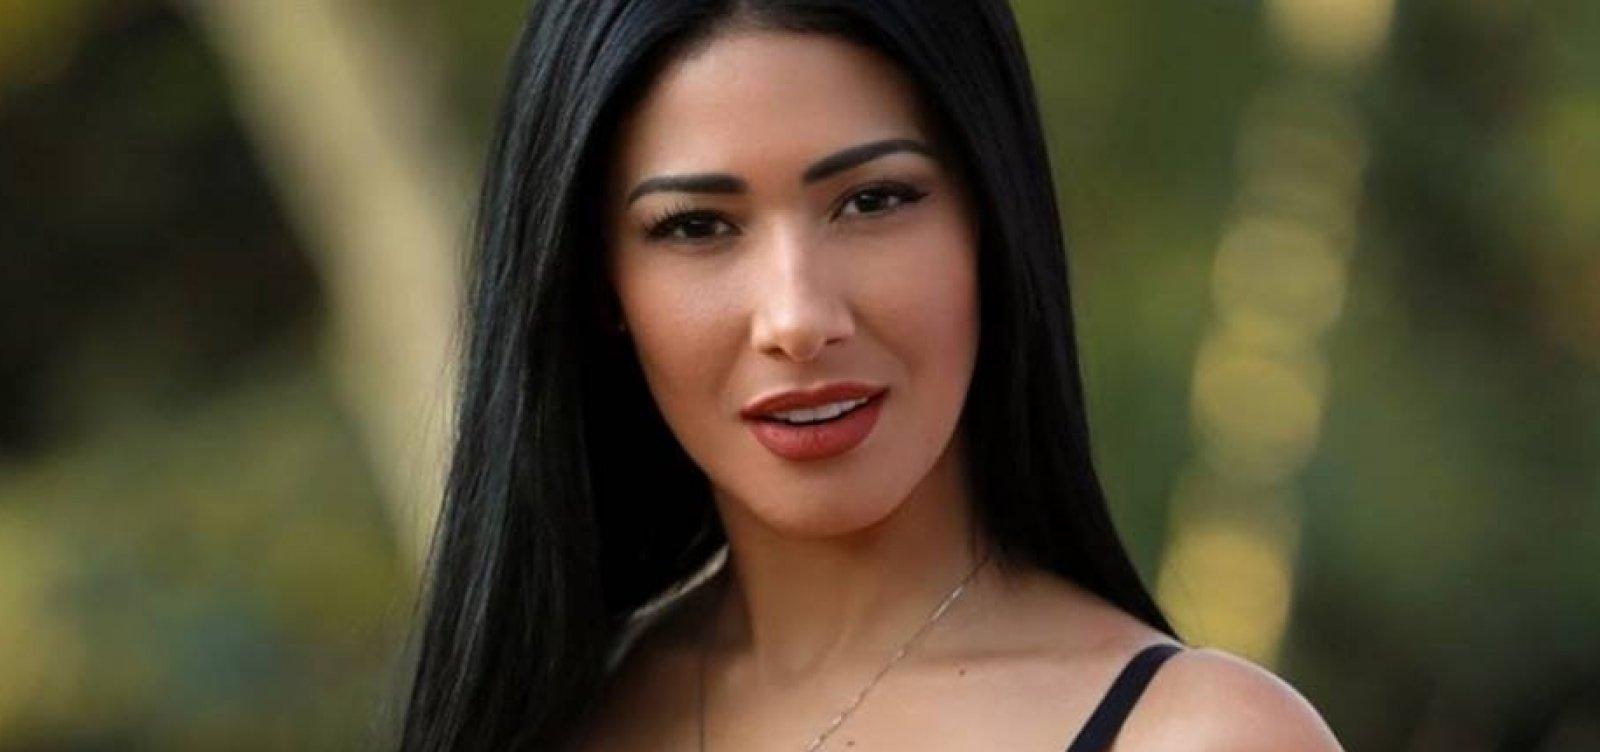 Simaria revela que sempre quis casar com gringo, pois brasileiros 'são muito vagabundos'